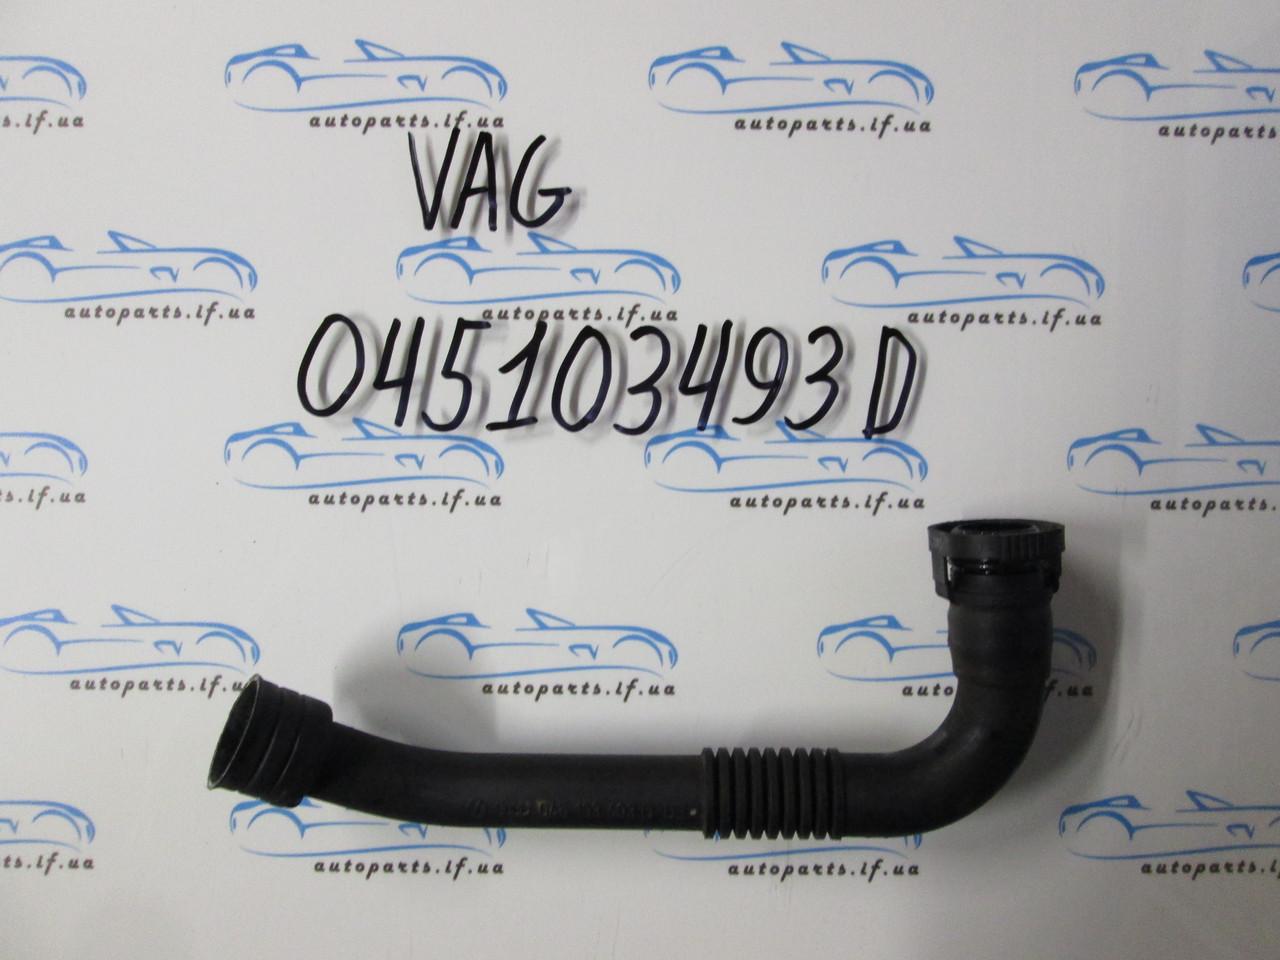 Патрубок сапуна VAG 045103493D